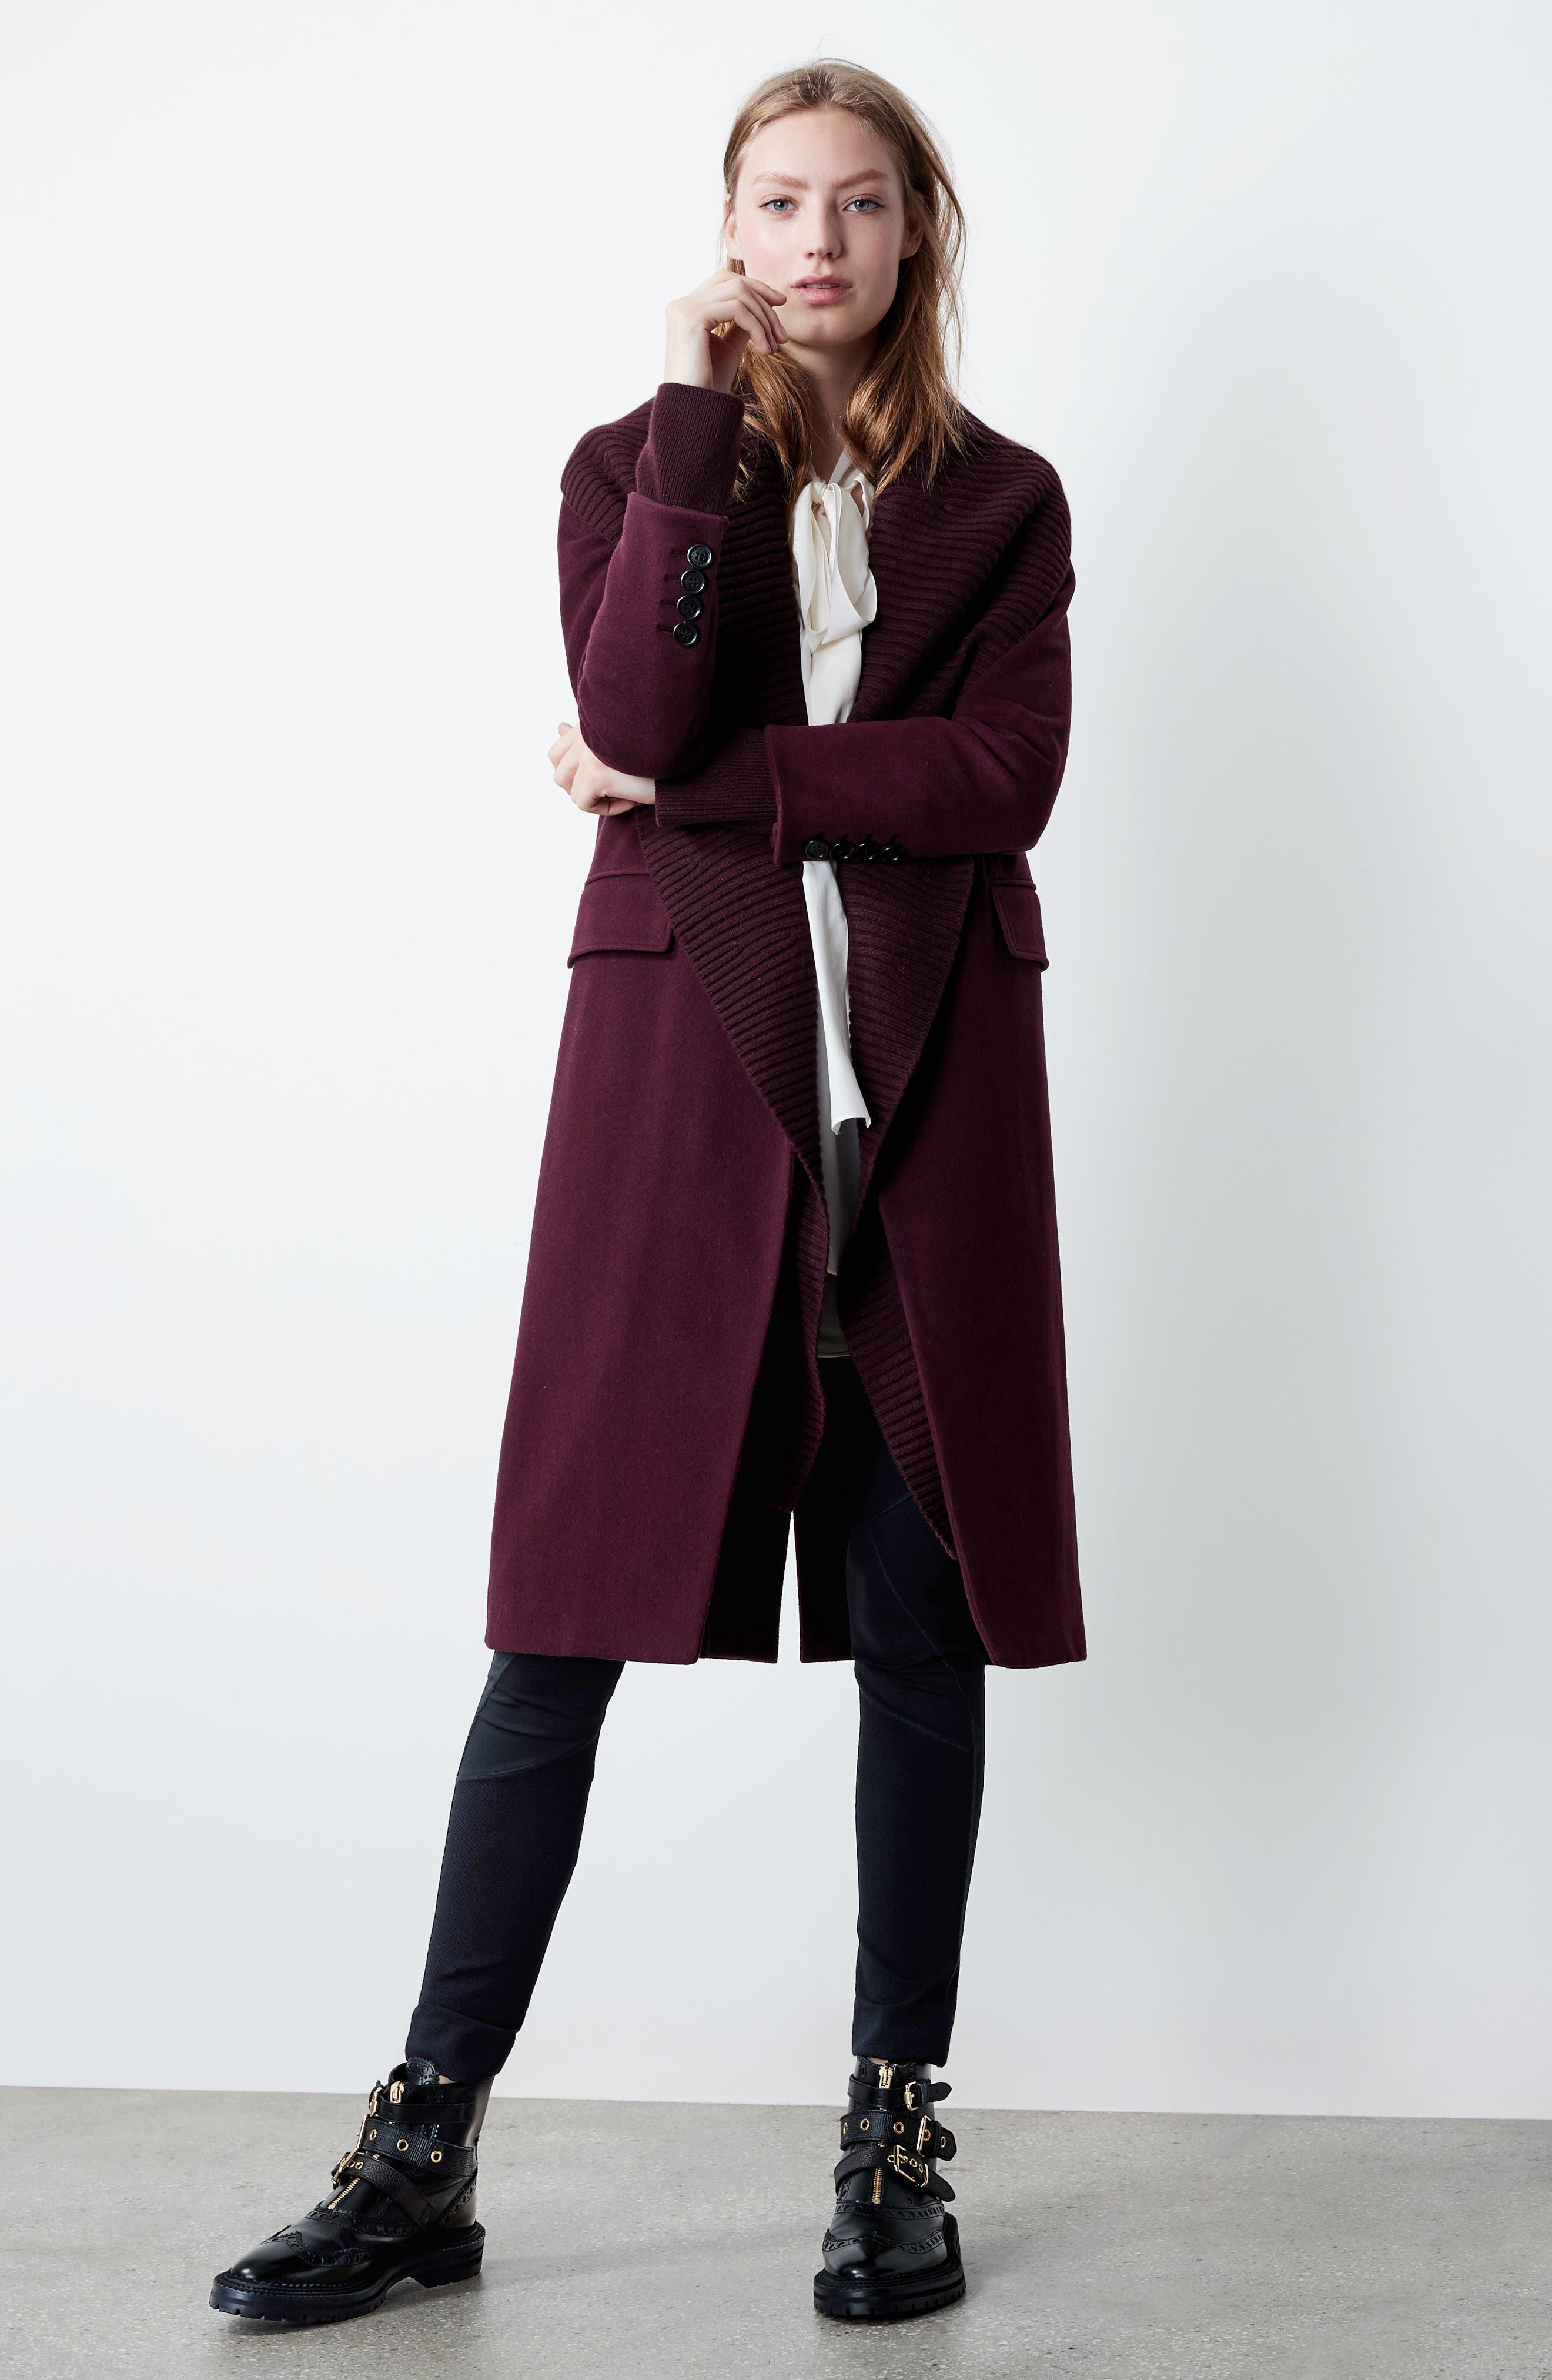 Cairndale Knit Trim Cashmere Coat,                             Alternate thumbnail 2, color,                             Black Currant